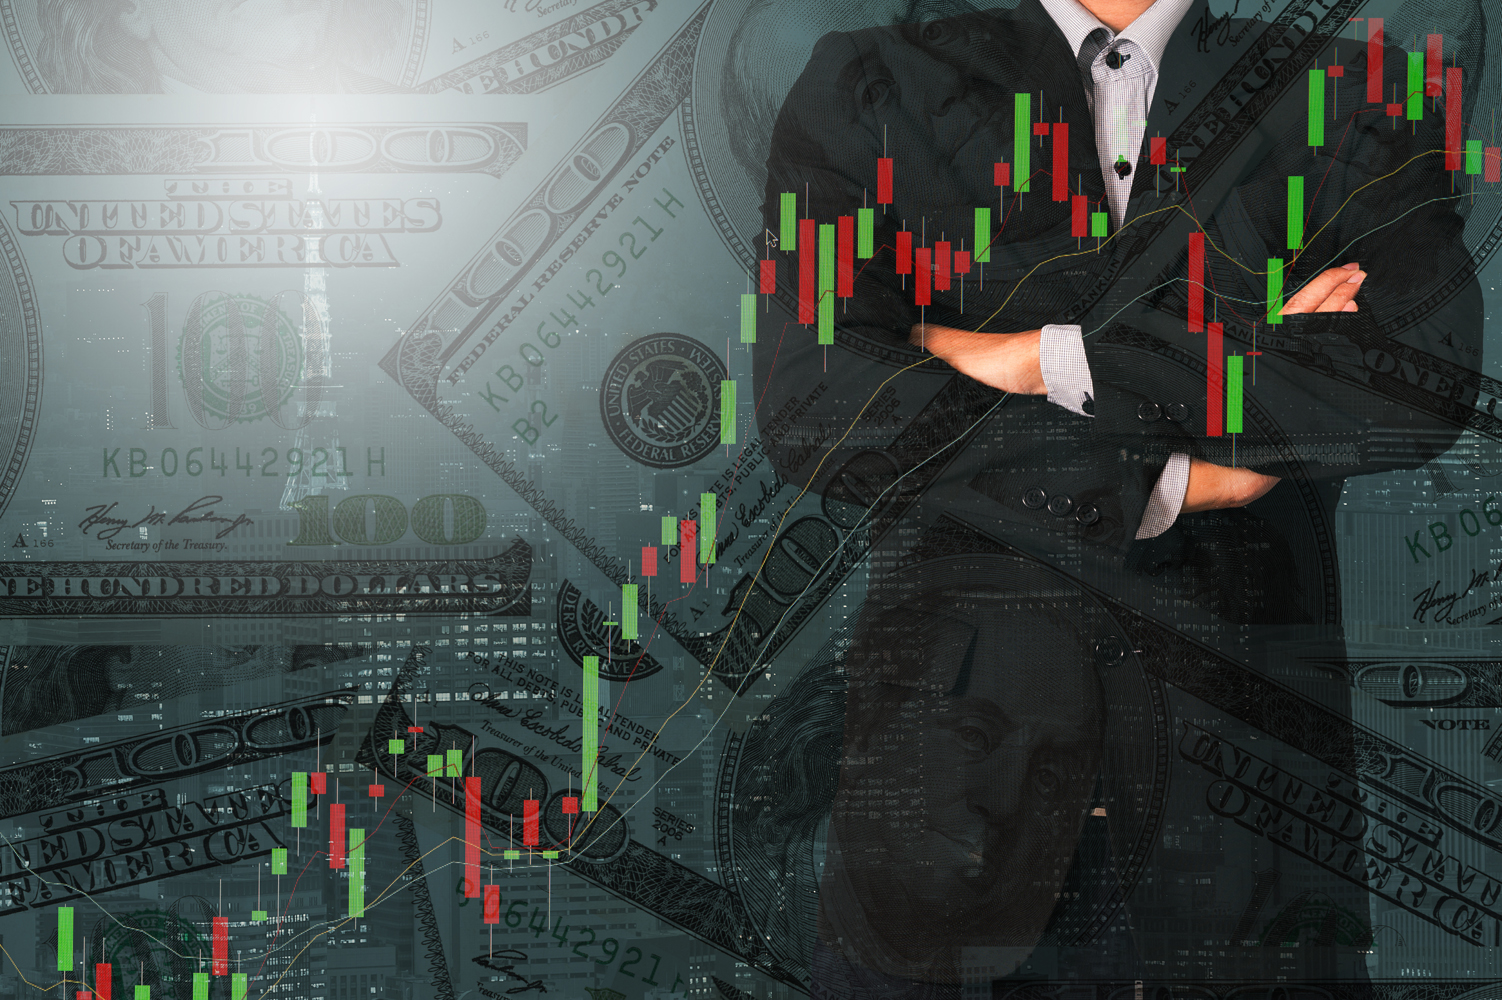 Citiți Opțiunile binare Beneficiile tranzacționării Optiuni binare strategice - Investitii online